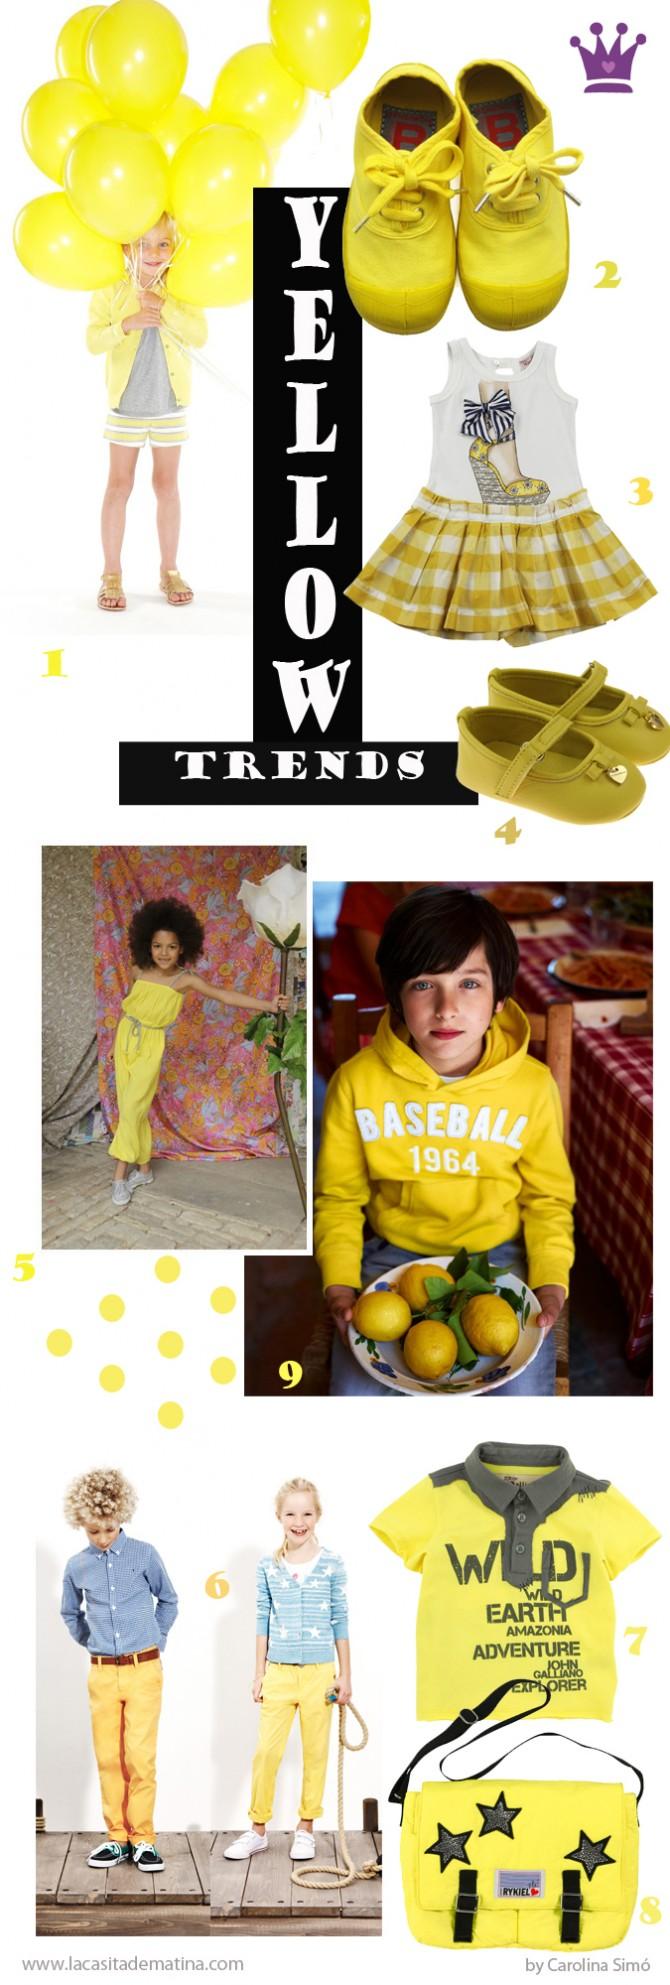 Blog de Moda Infantil, Amarillo tendencia moda infantil, La casita de Martina, Carolina Simó, Benetton, Marc Jacobs,  Bensimon,